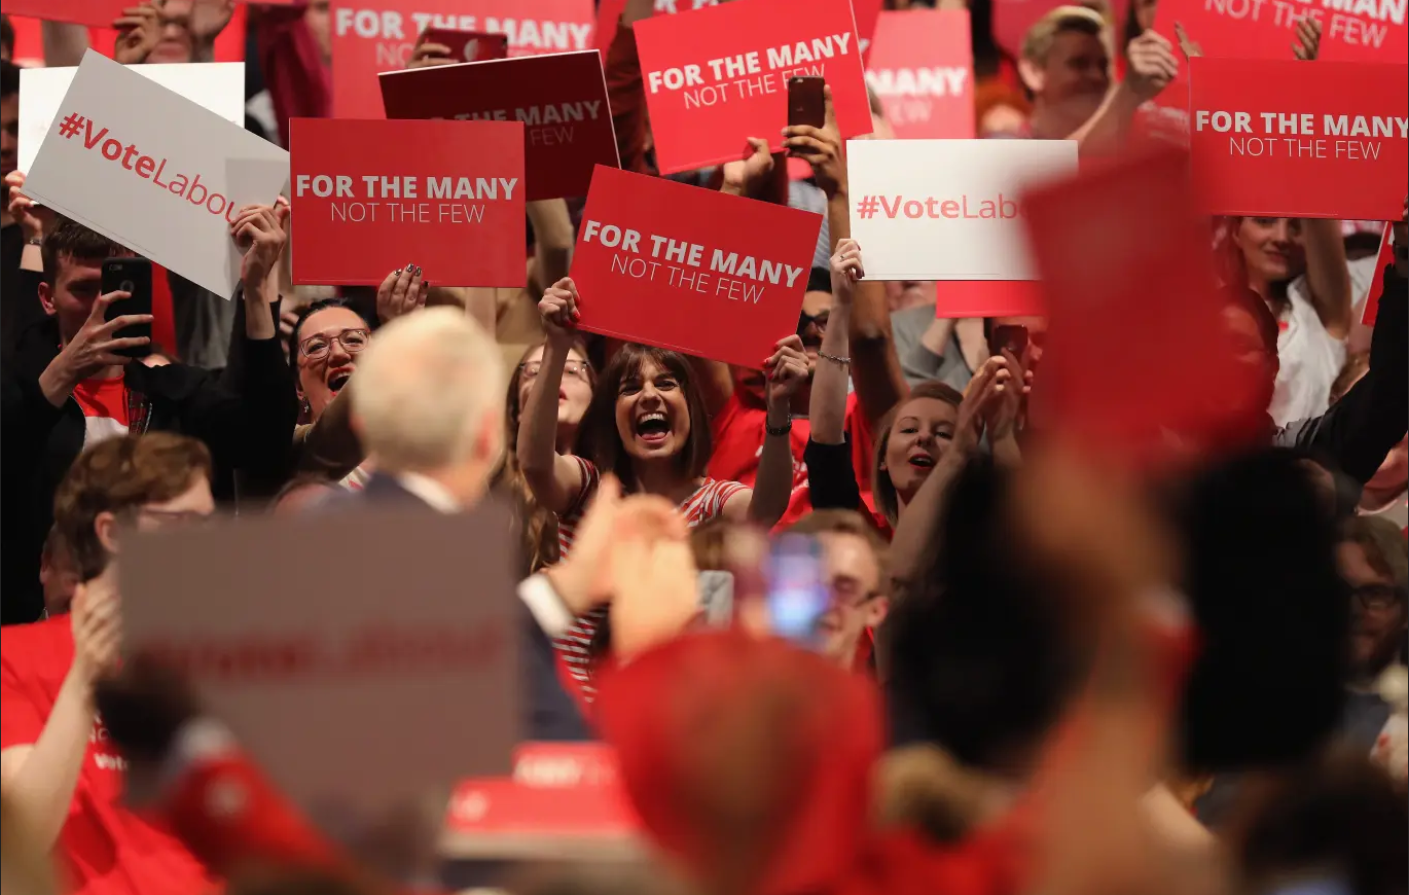 تعتبر التعددية والتنوع من الأفكار الأساسية المنتشرة بين مؤيدي حزب العمال